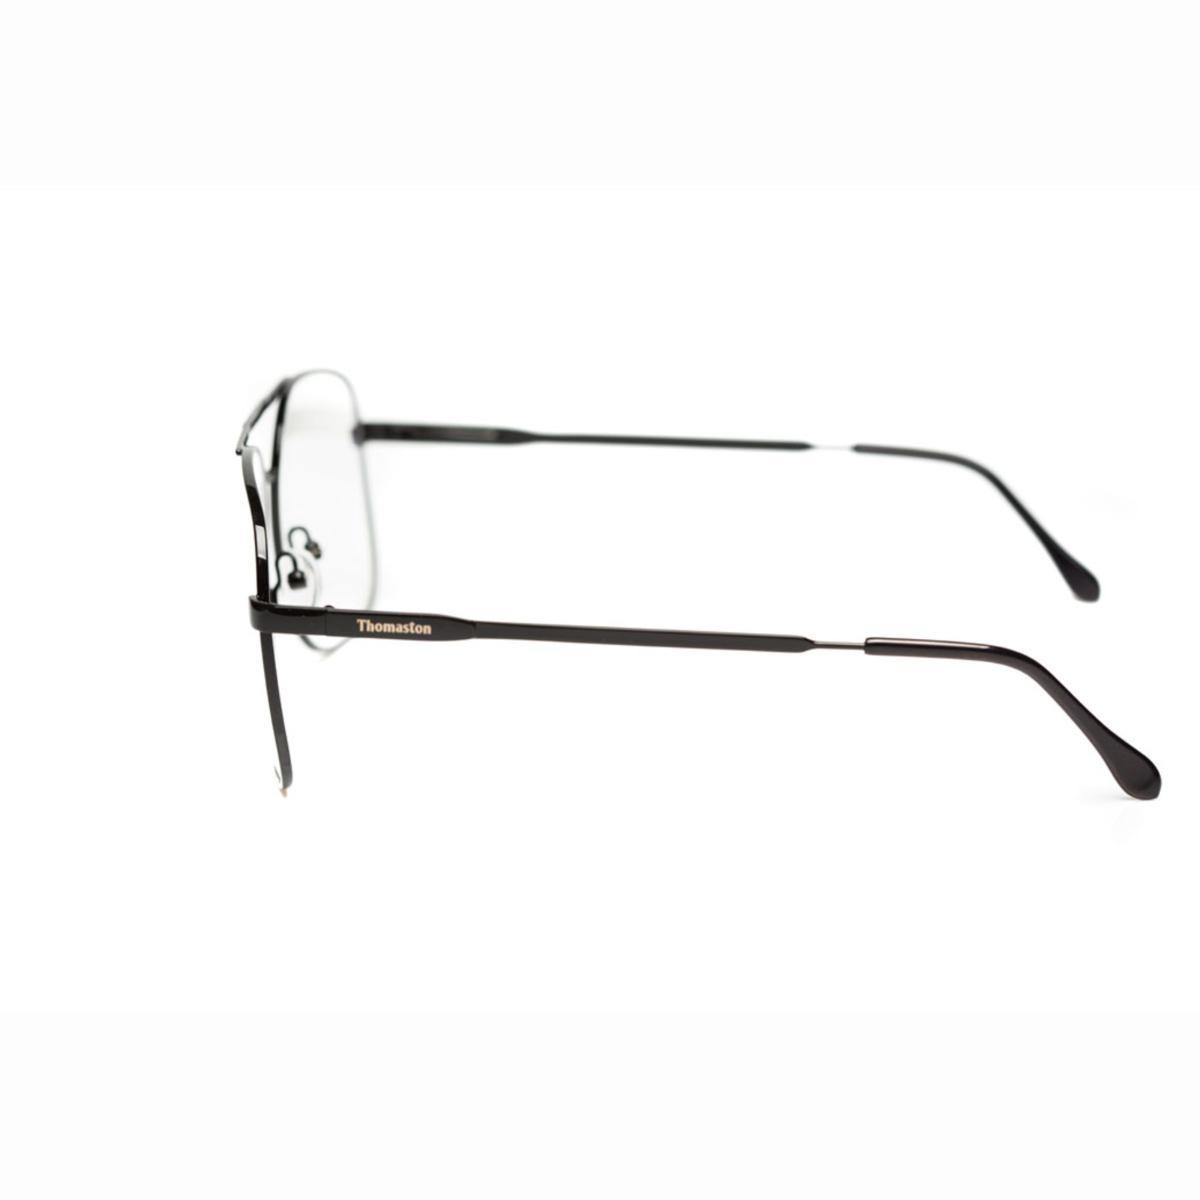 Óculos De Grau Thomaston Aviador Preto - R  64,90 em Mercado Livre 4044cd792a